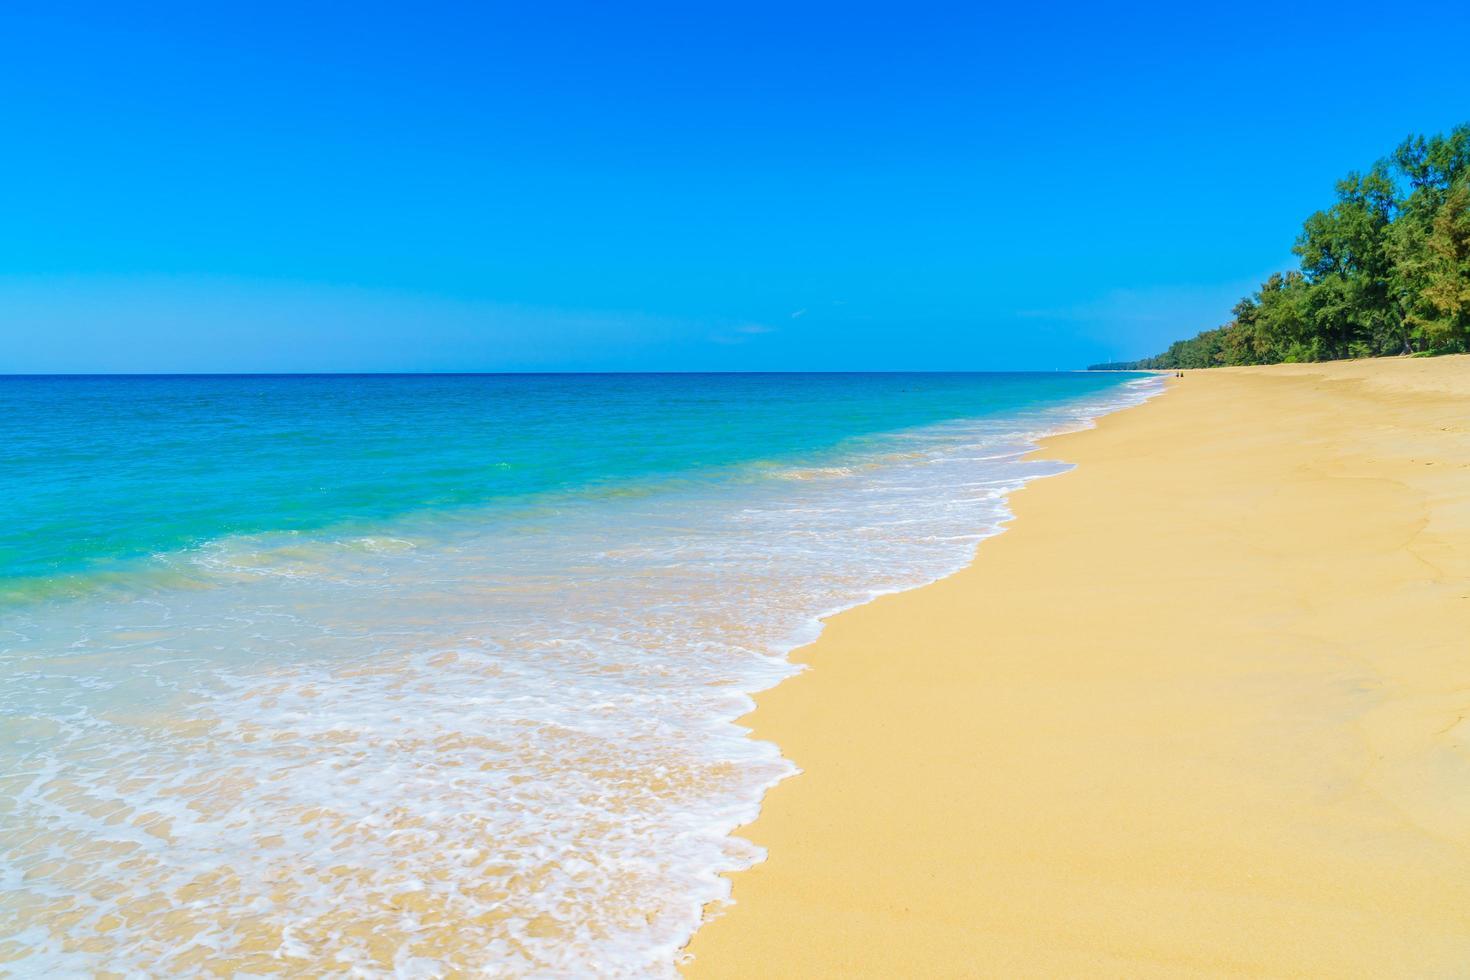 vacker sandstrand och hav foto